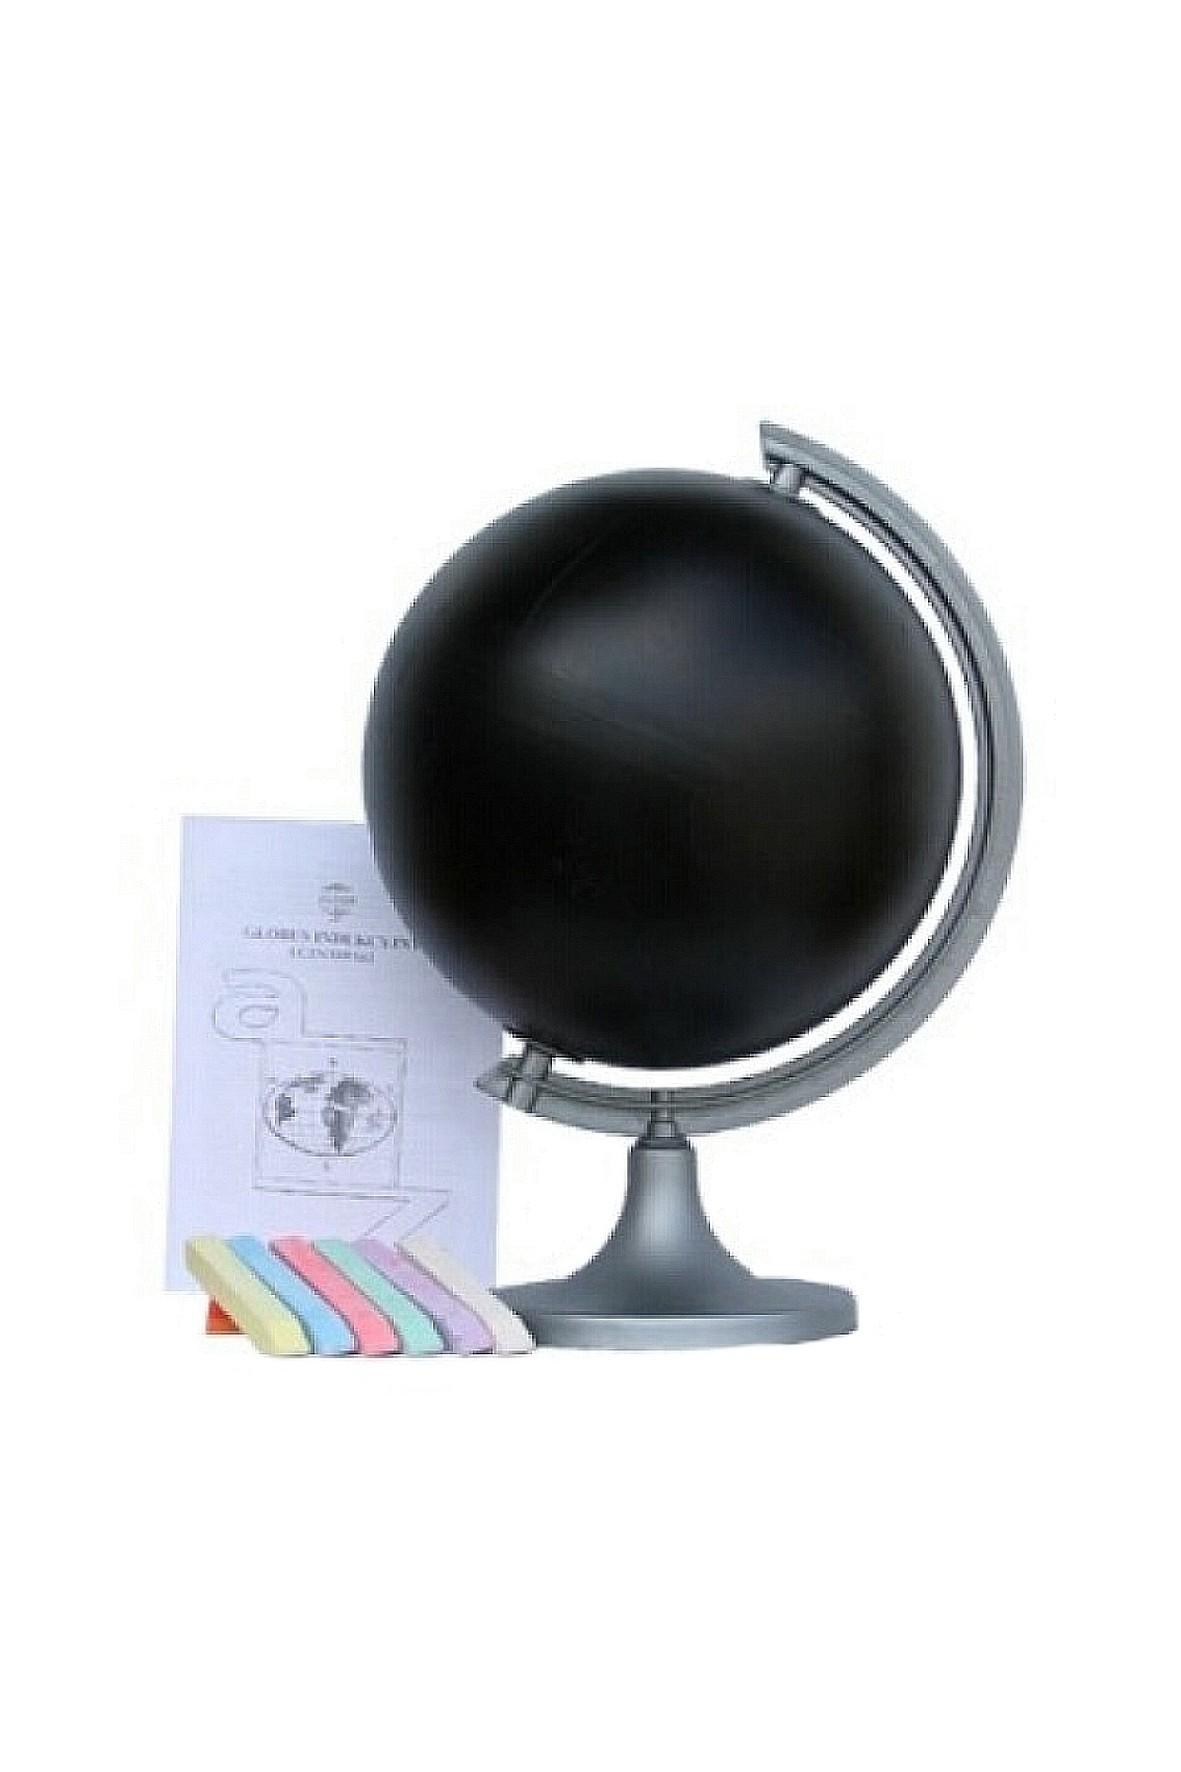 Globus 250 Indukcyjny z instrukcją